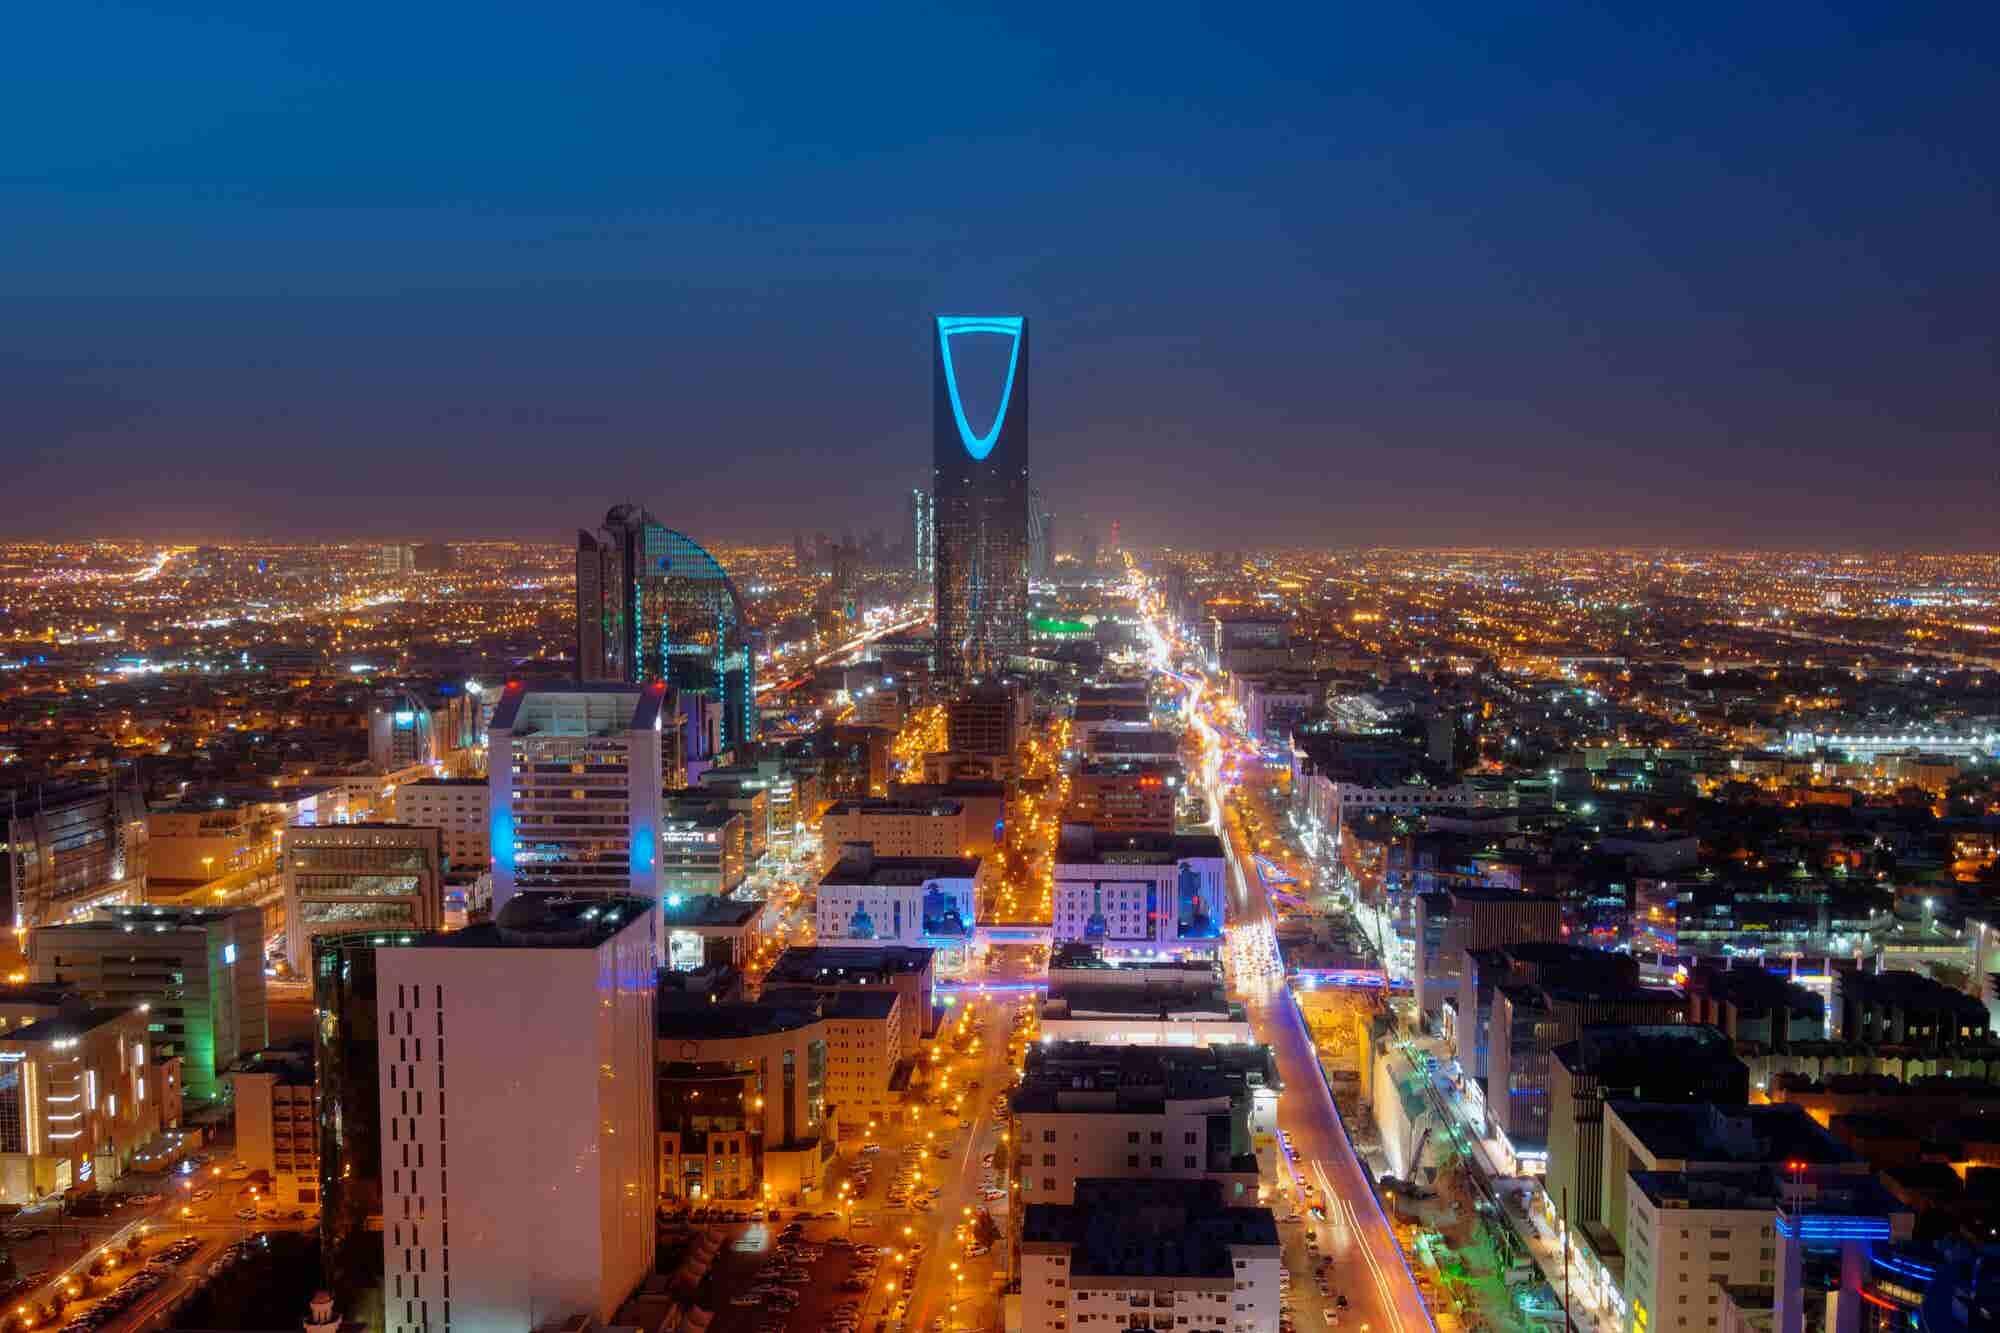 ArabNet Riyadh 2018 To Focus On Digital Business In Saudi Arabia